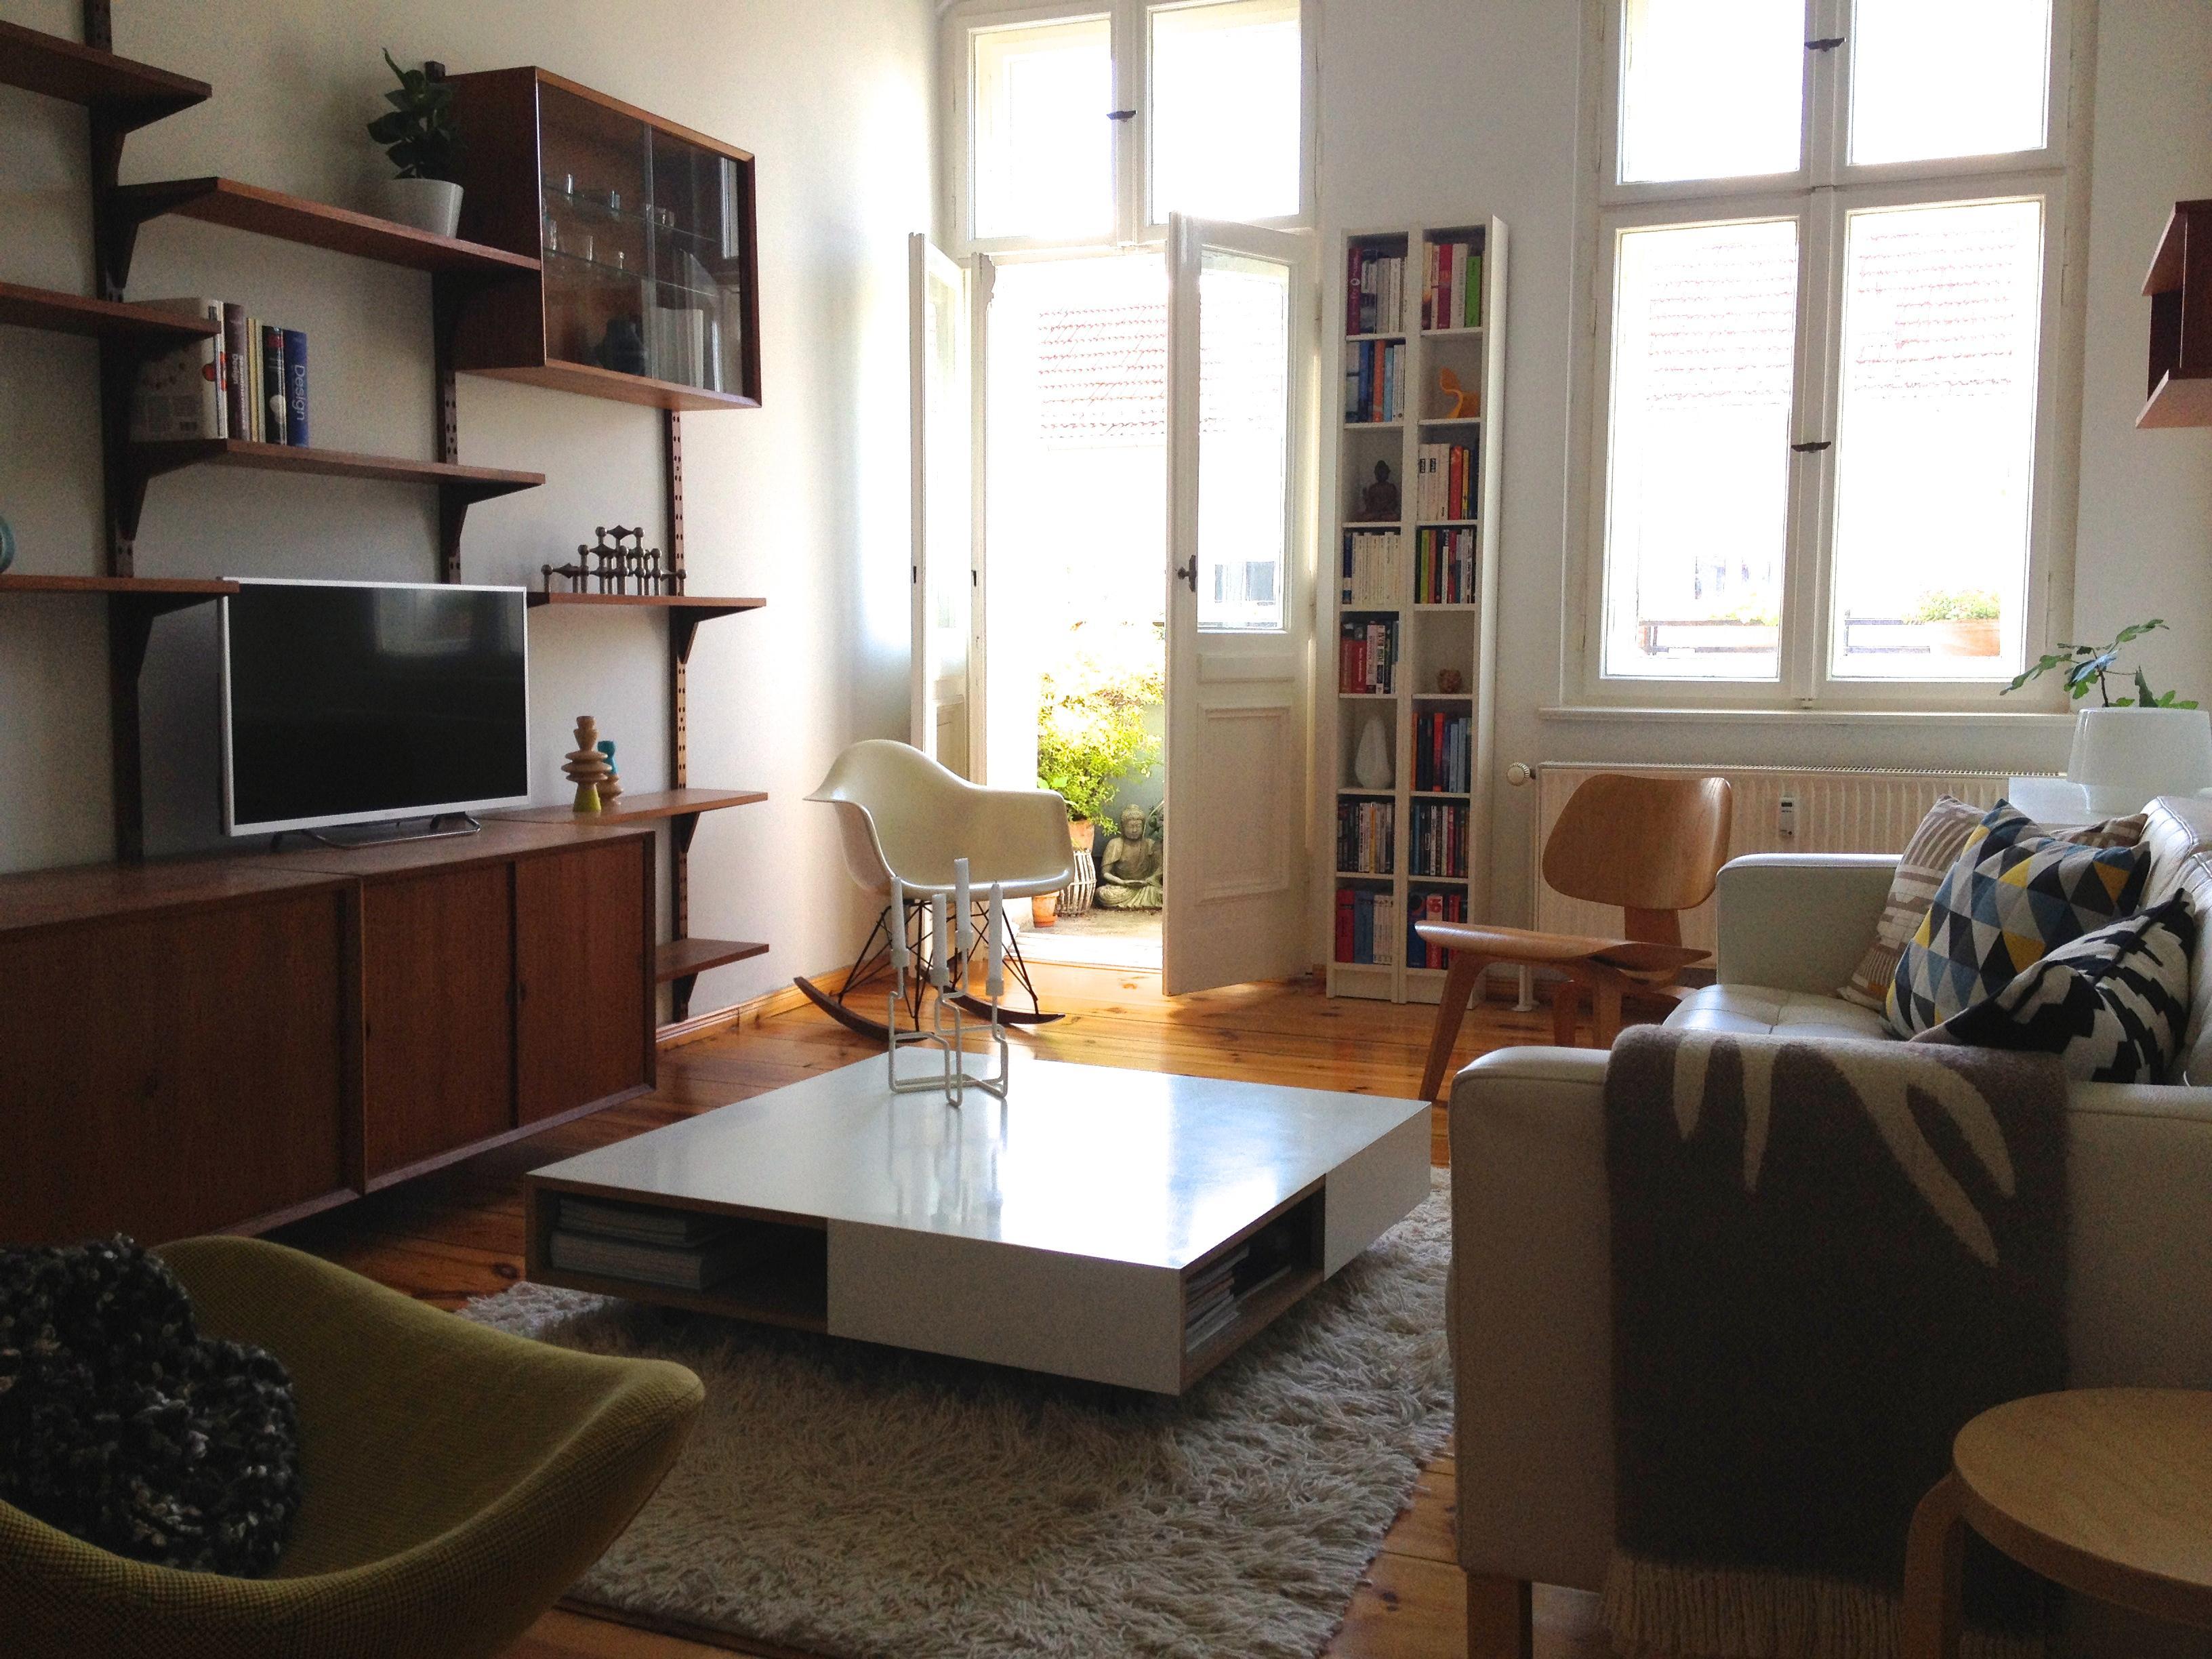 Suche Schrankwand. Cheap Frische Haus Ideen Wohnwand Schrankwand ...